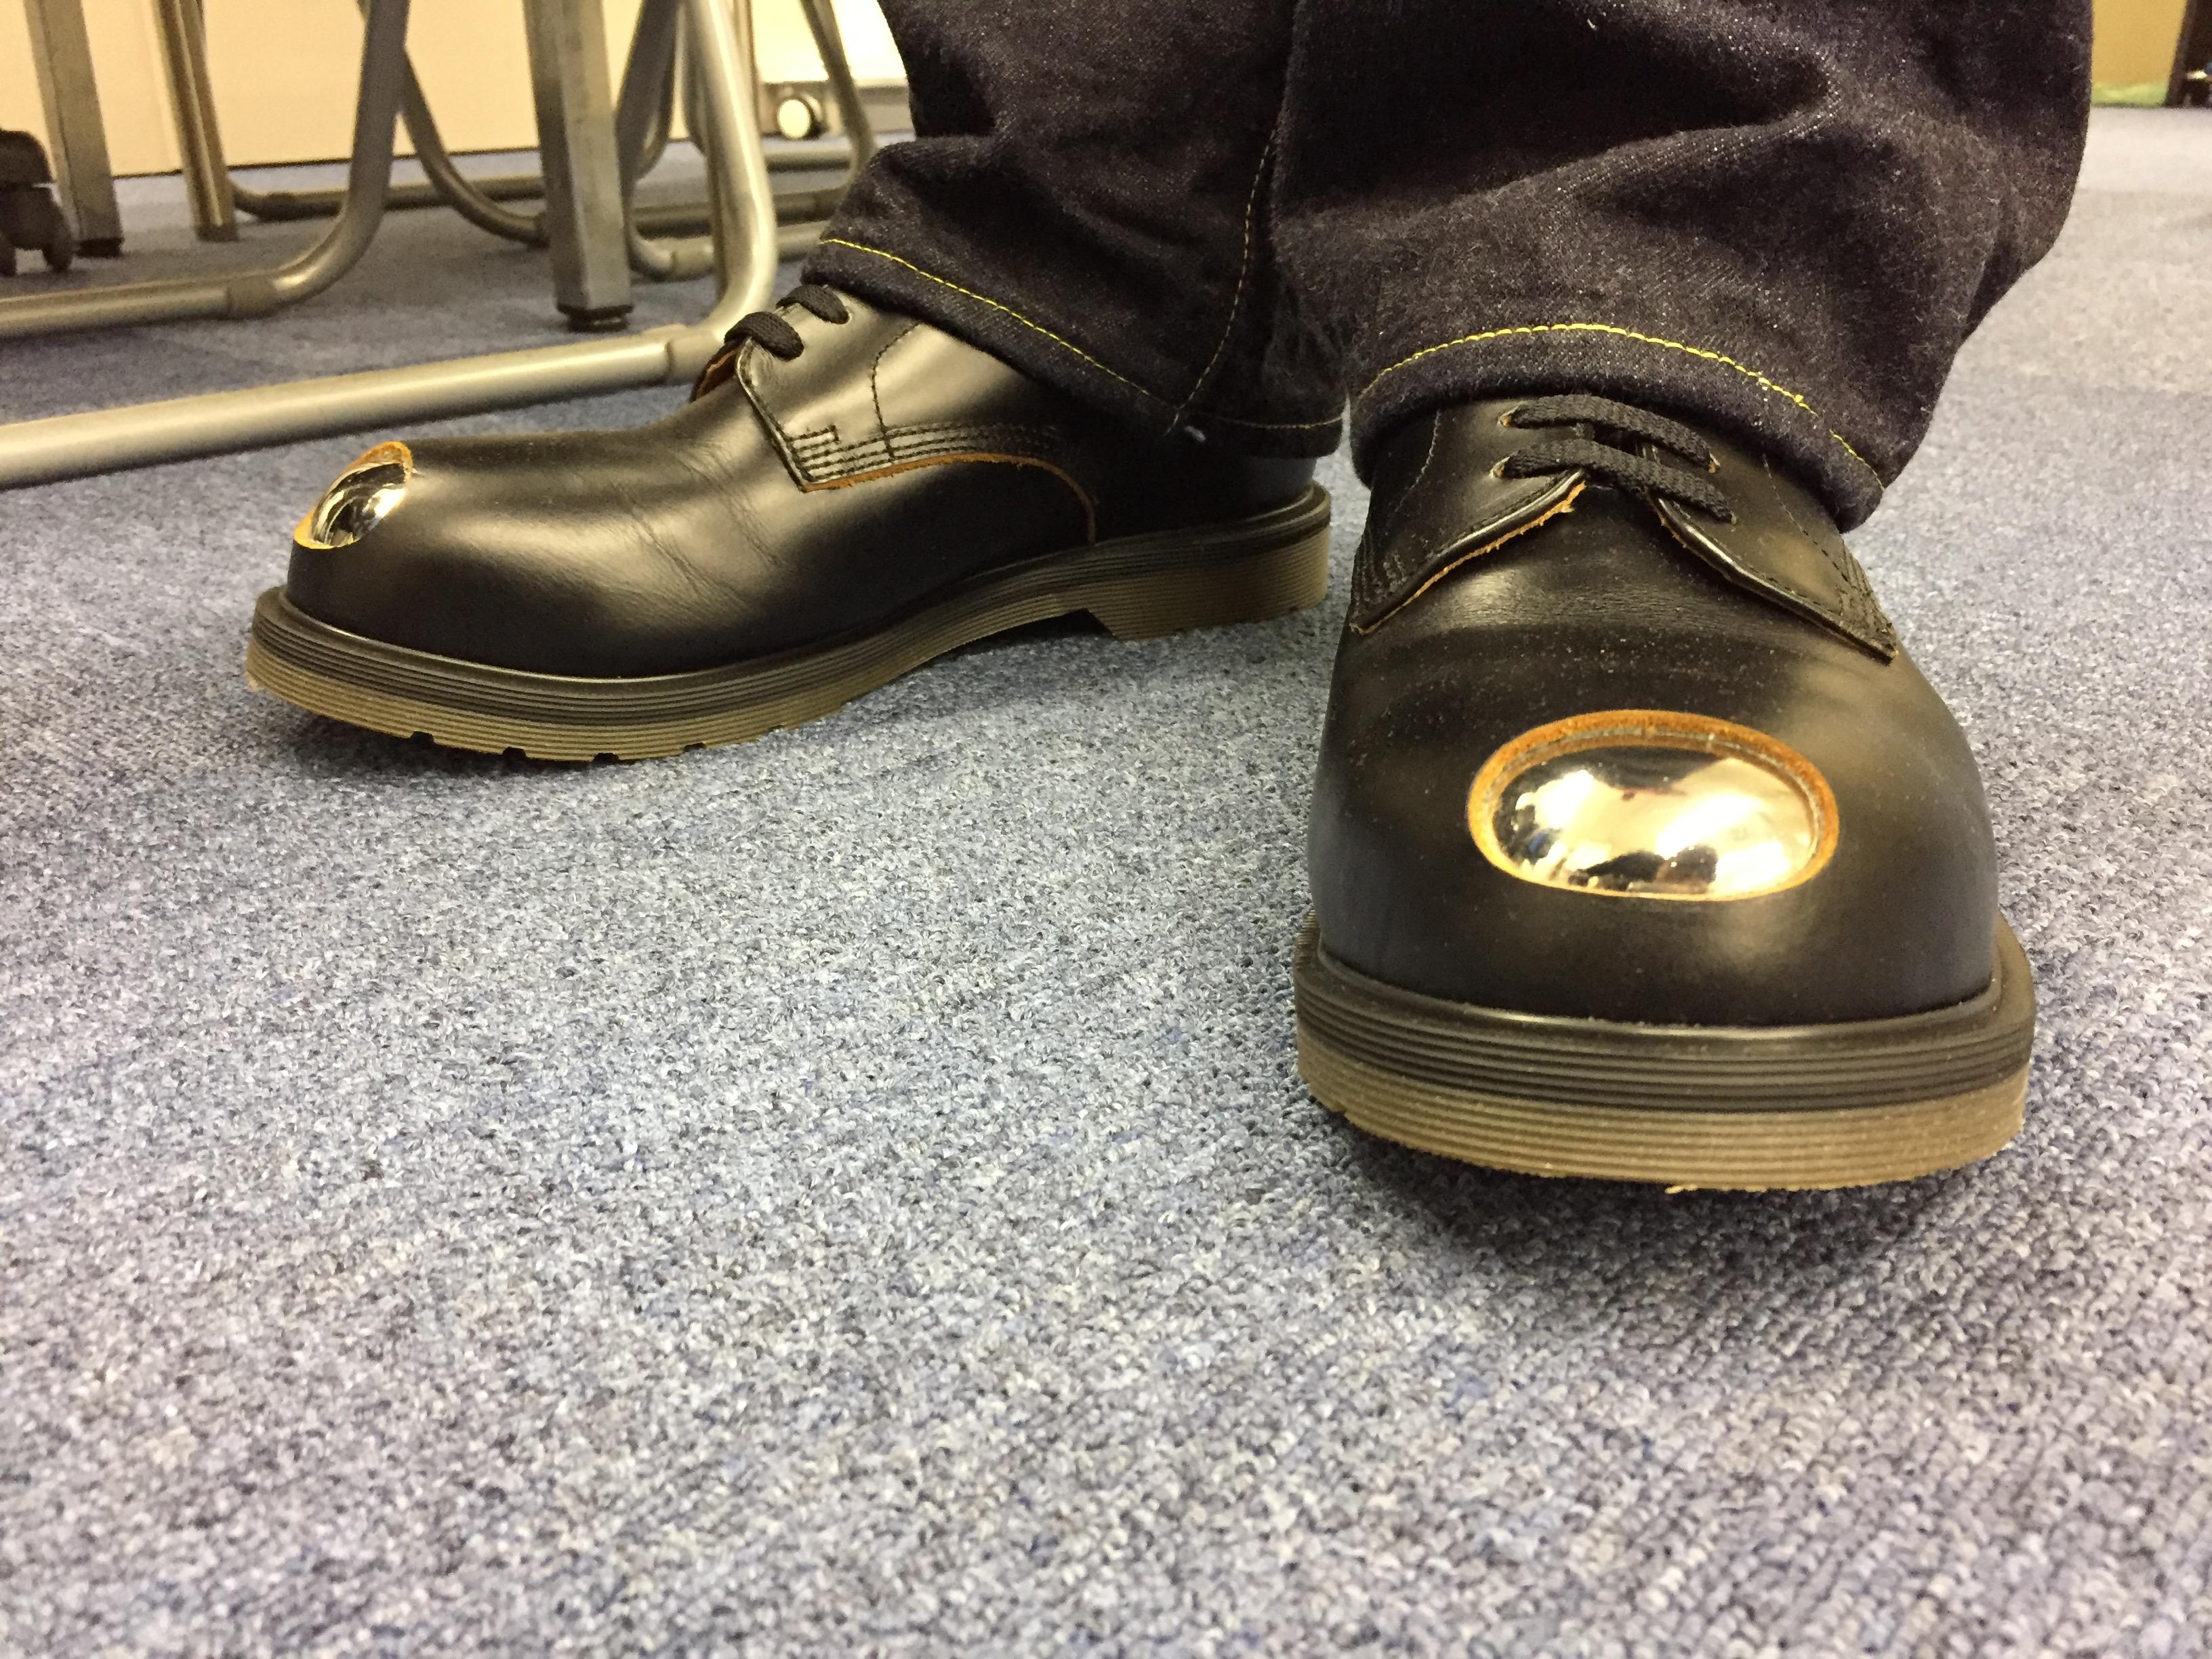 坪井さんの靴にはパチンコ玉が付いている。